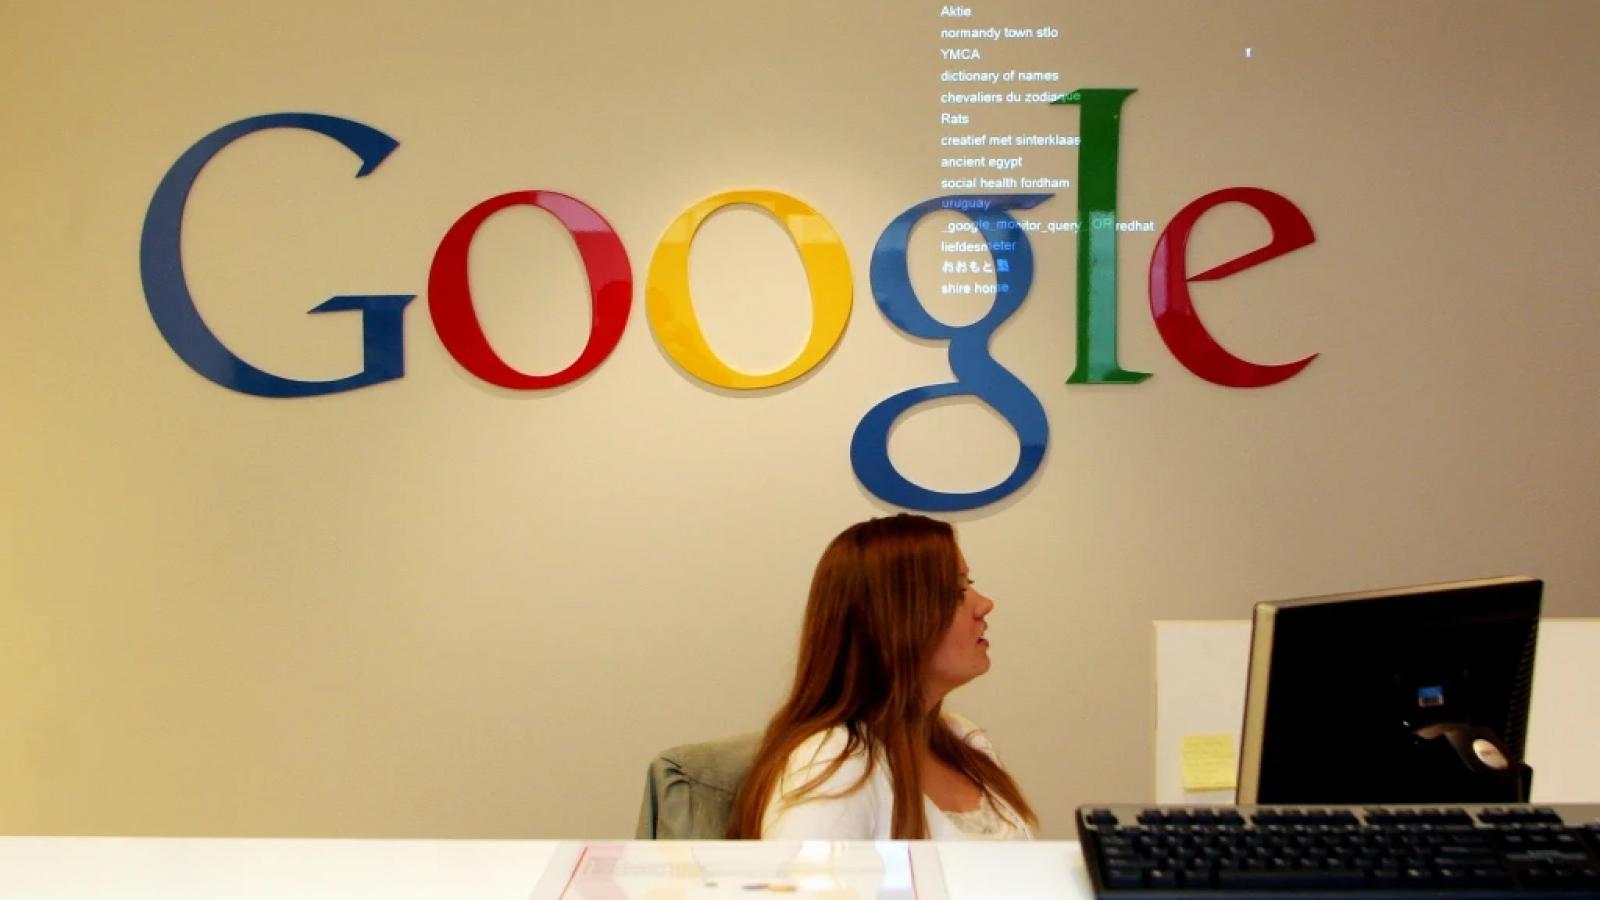 Google chạy đua nước rút, thỏa thuận hợp tác với các cơ quan báo chí tại Australia